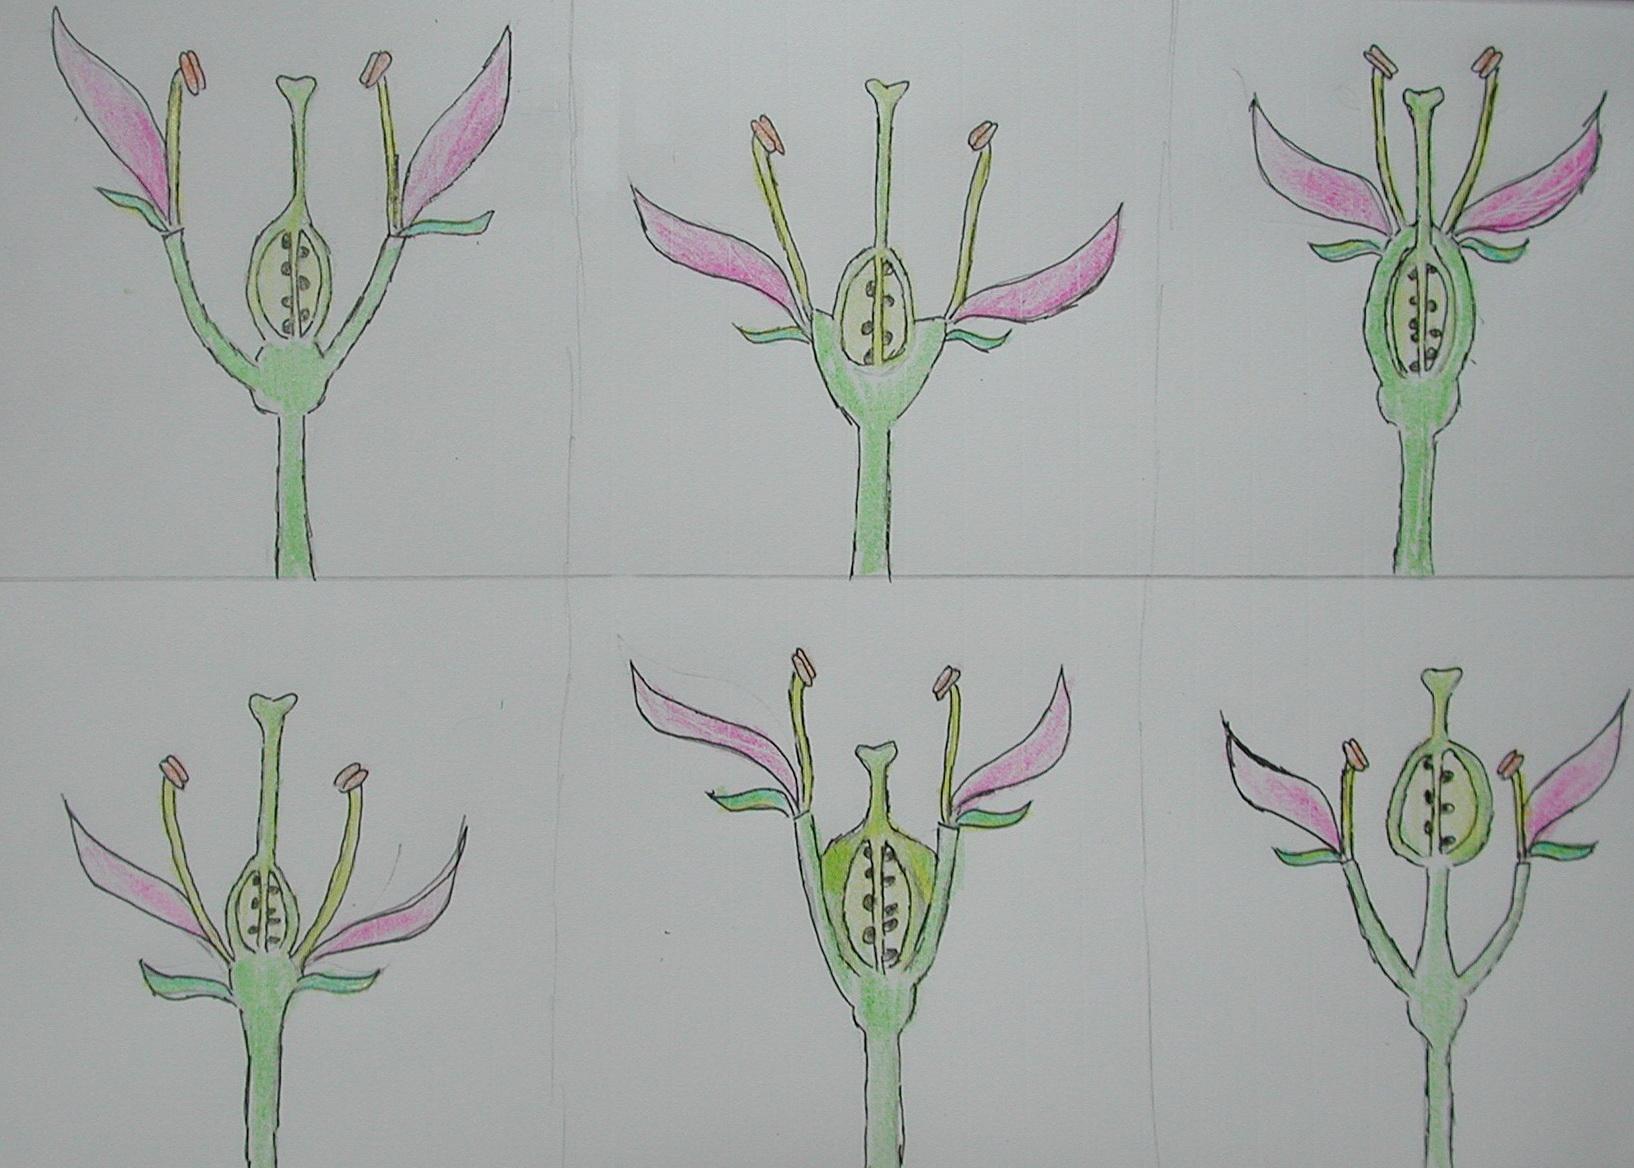 99植物學實習(8)—子房於花中的位置解說圖| 黑胡桃網路閣